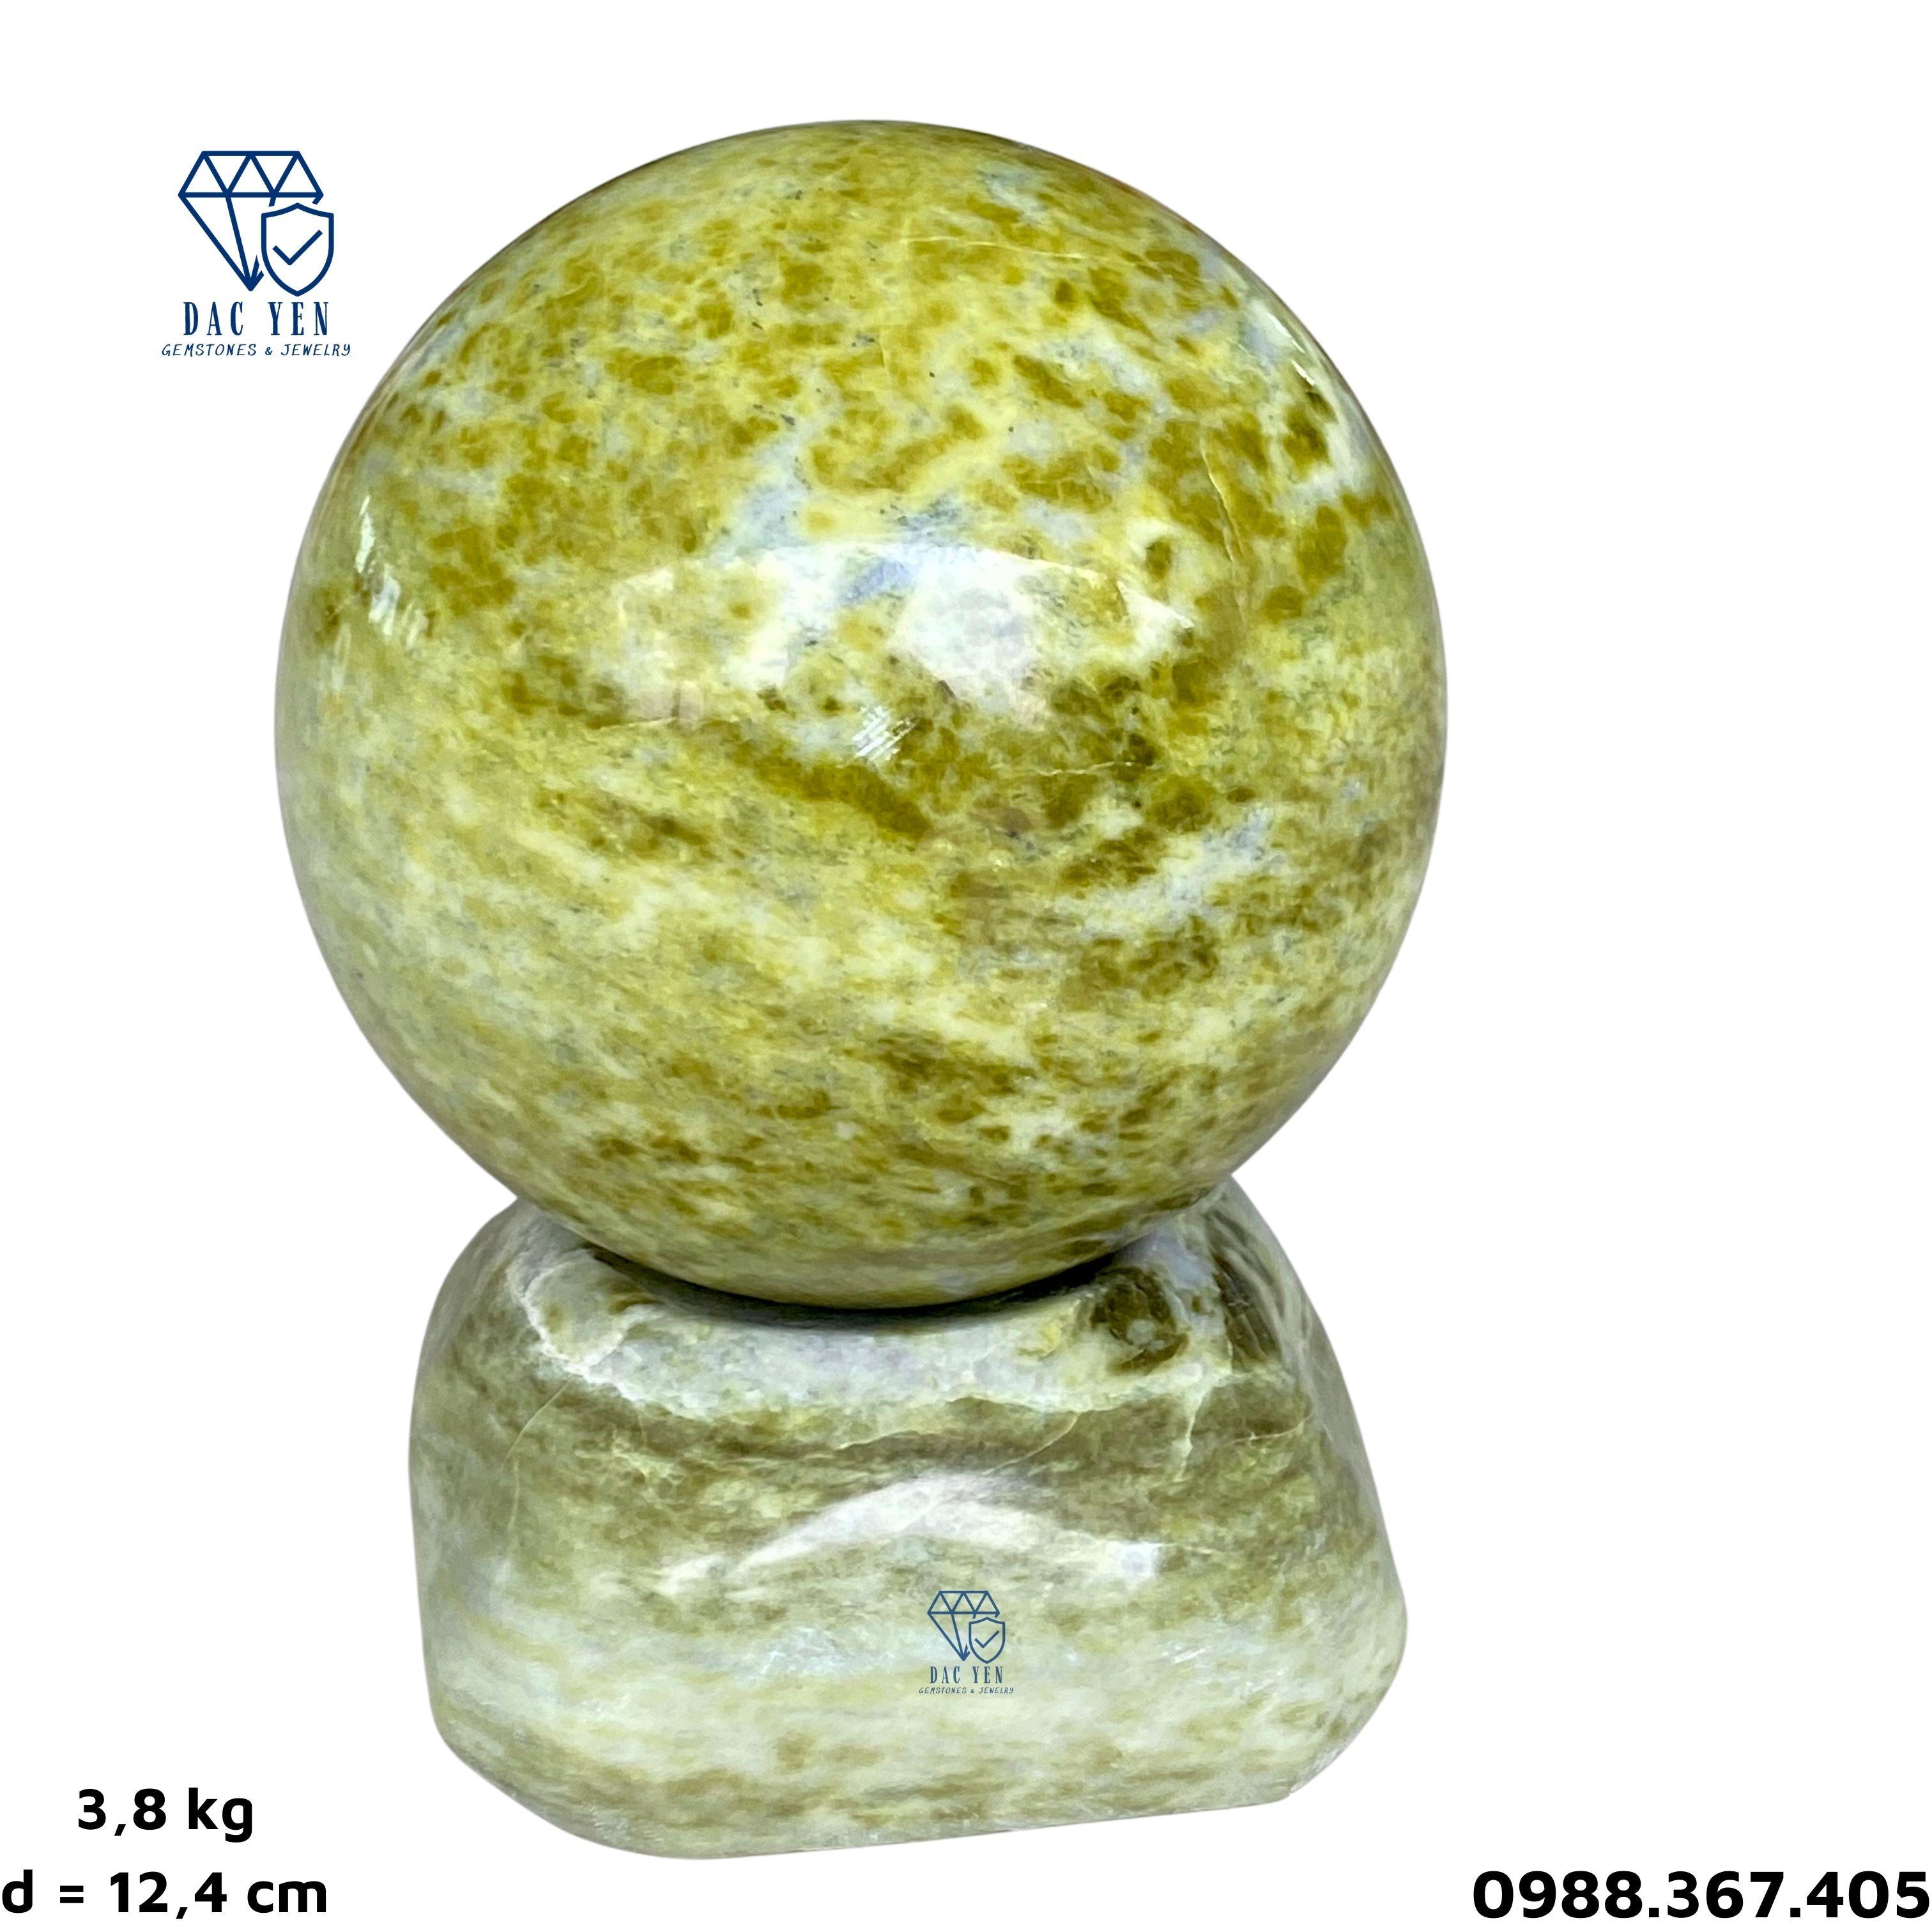 Bi cầu đá,  quả cầu đá tự nhiên, bi cầu ngọc serpentine, đá cảnh đẹp